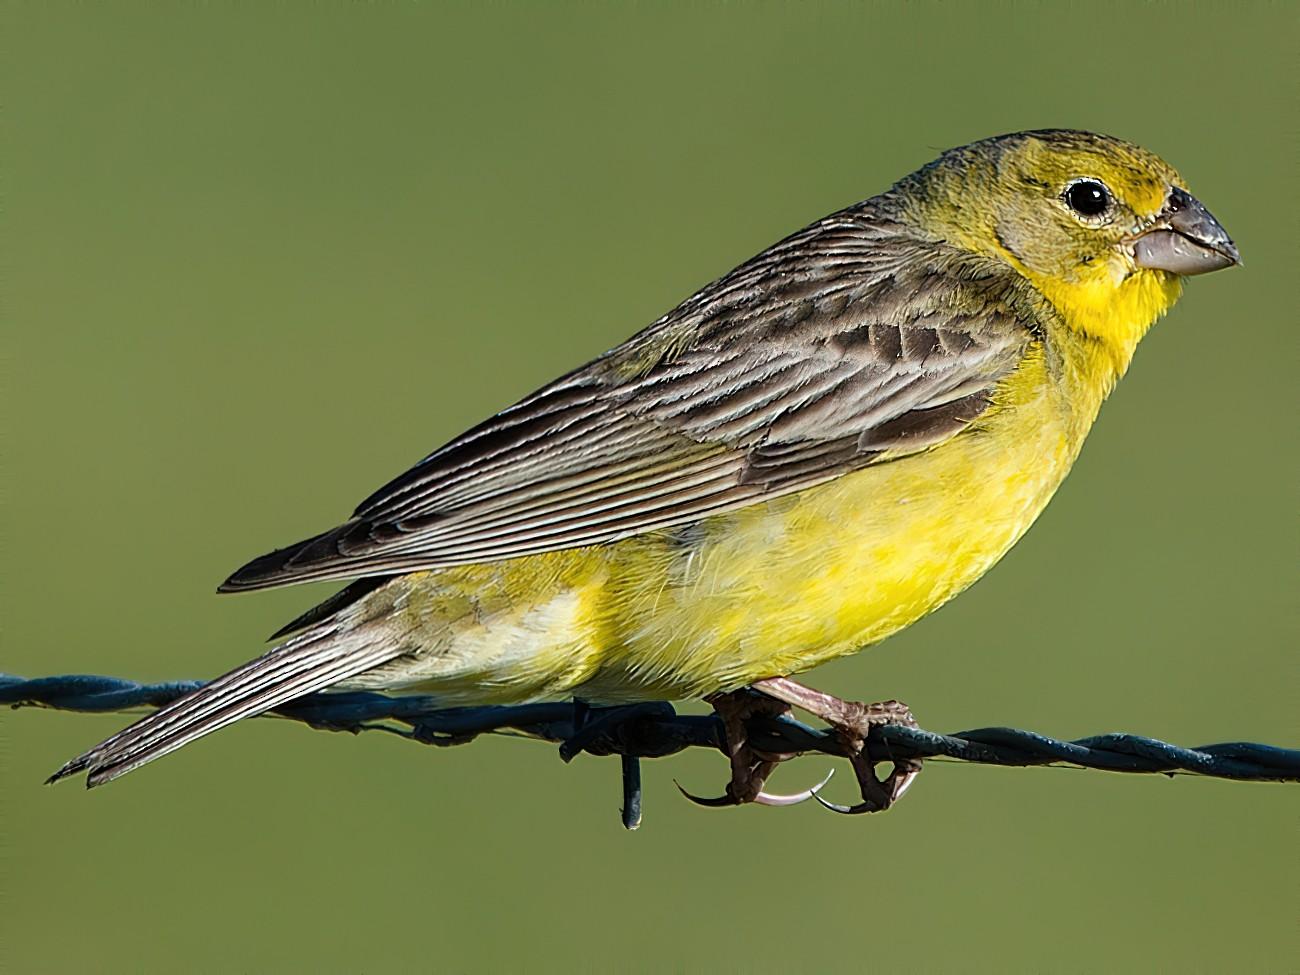 Grassland Yellow-Finch - LUCIANO BERNARDES